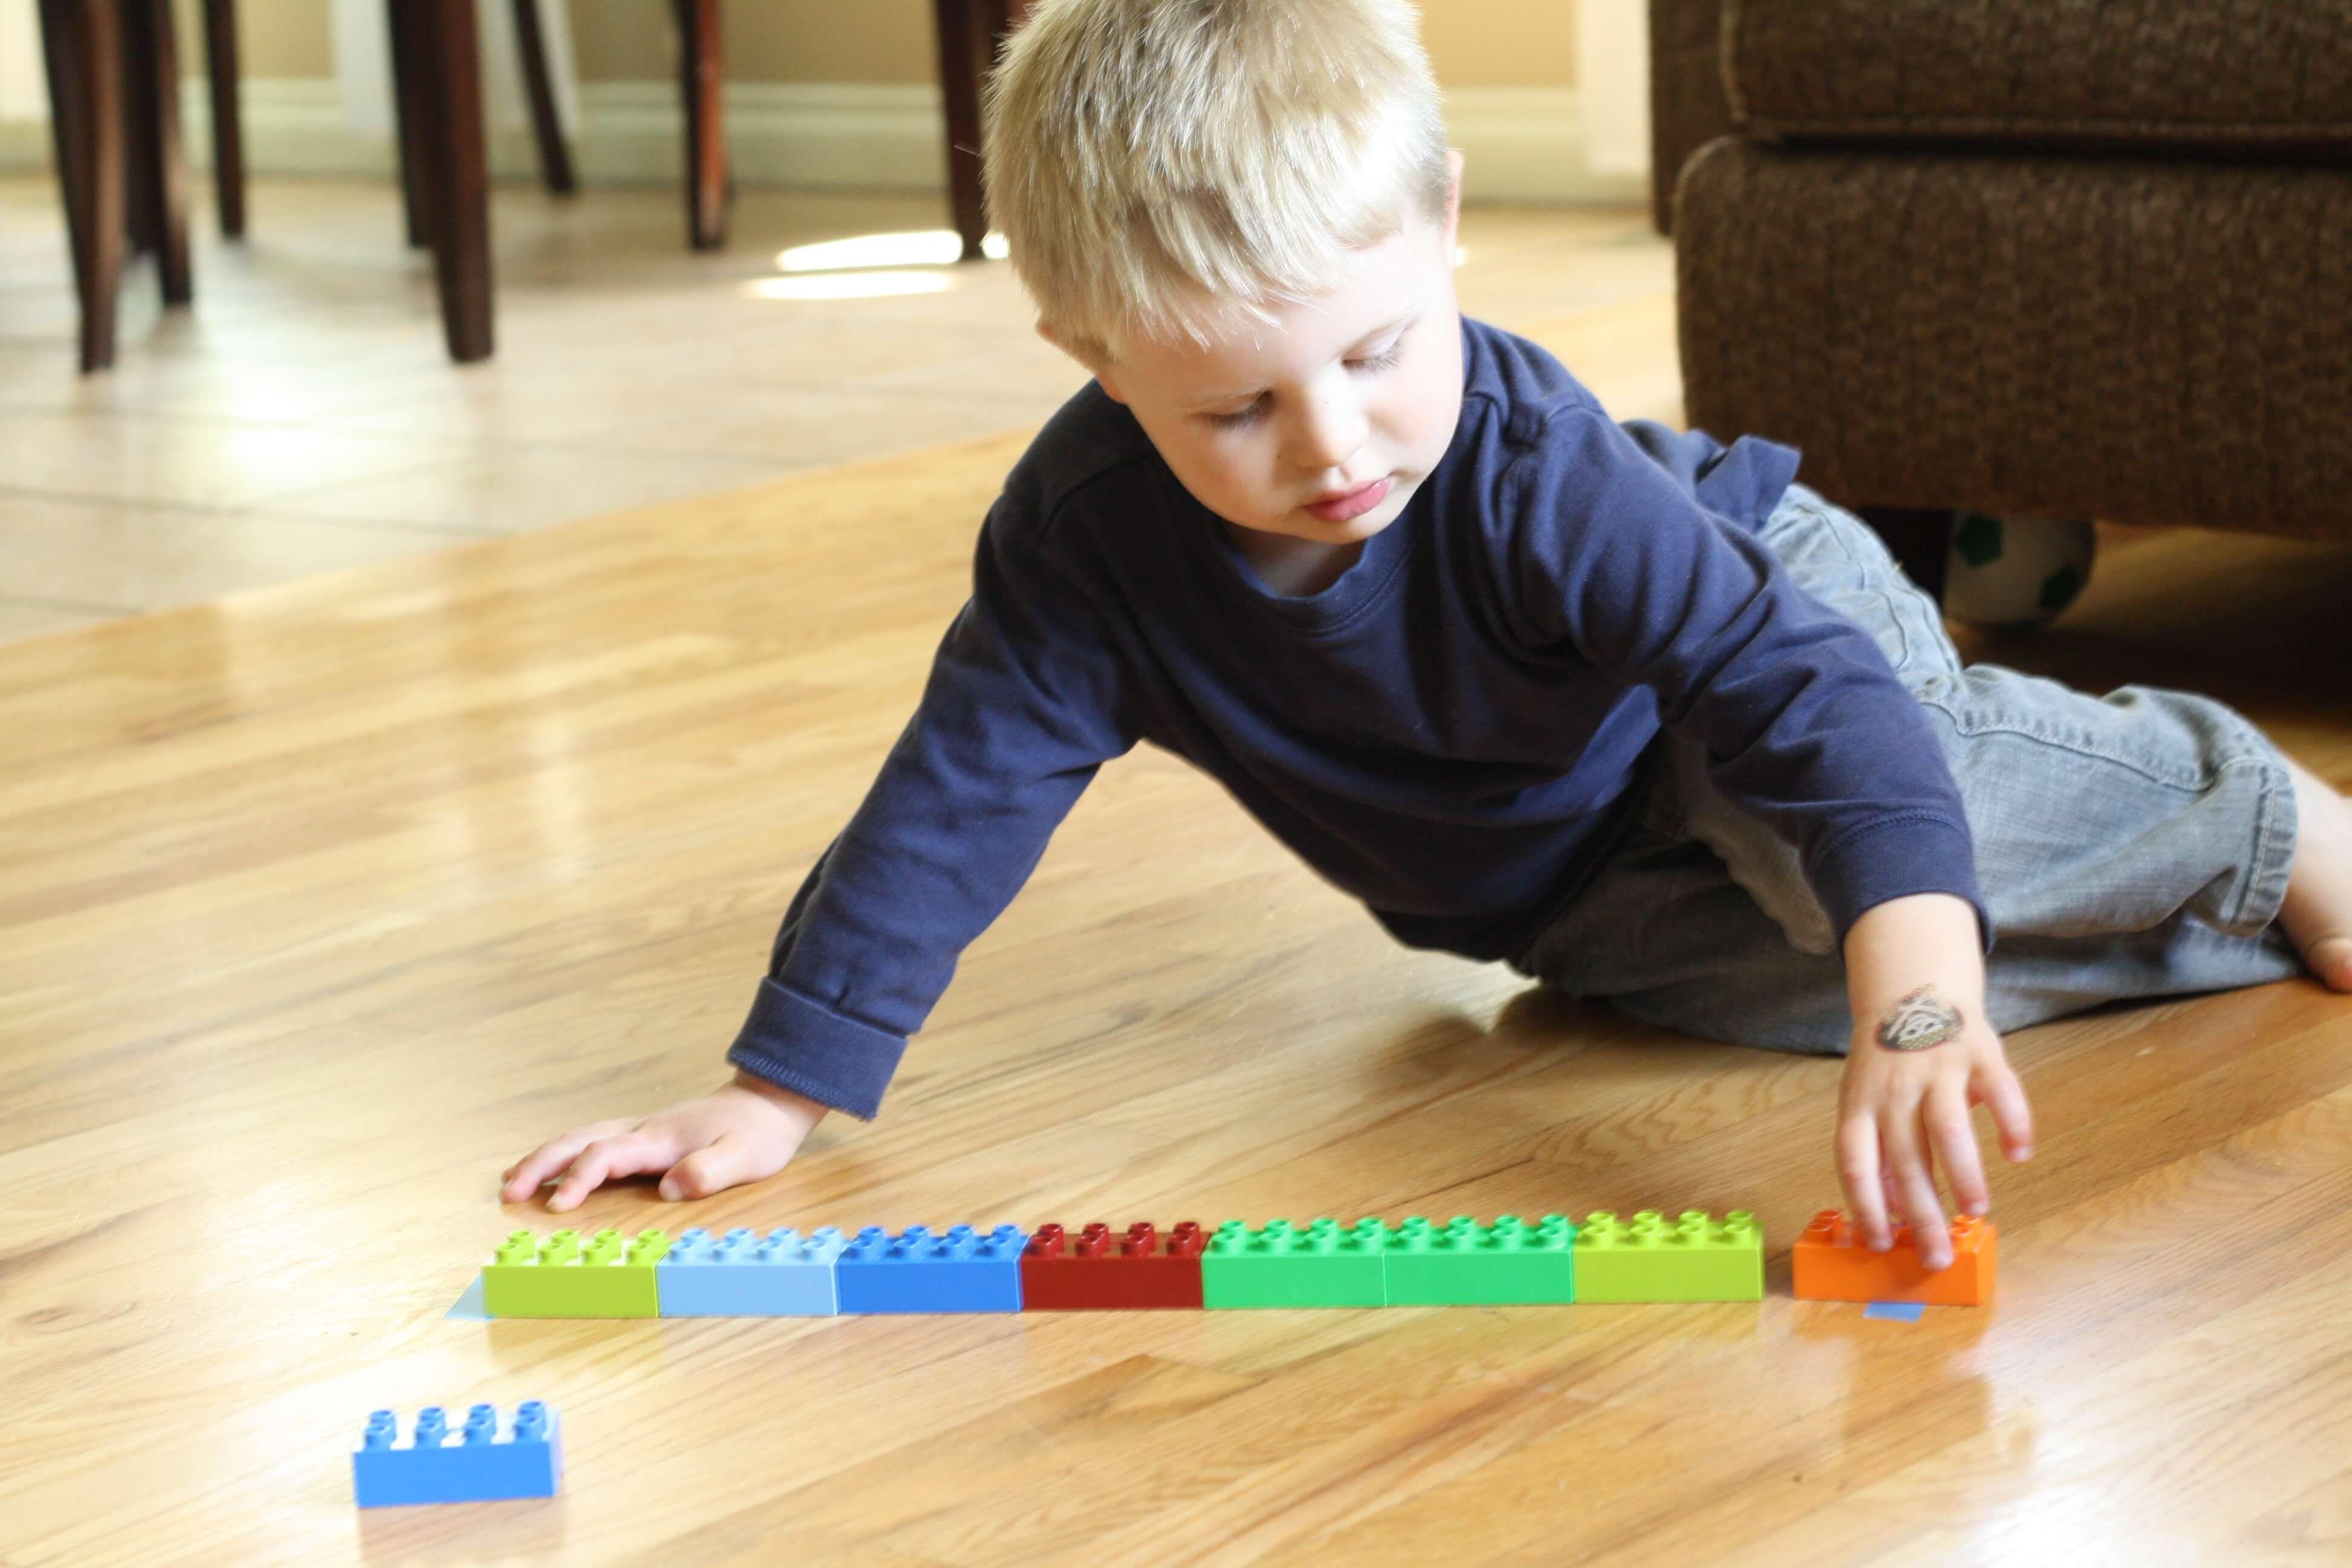 How Many Legos Long